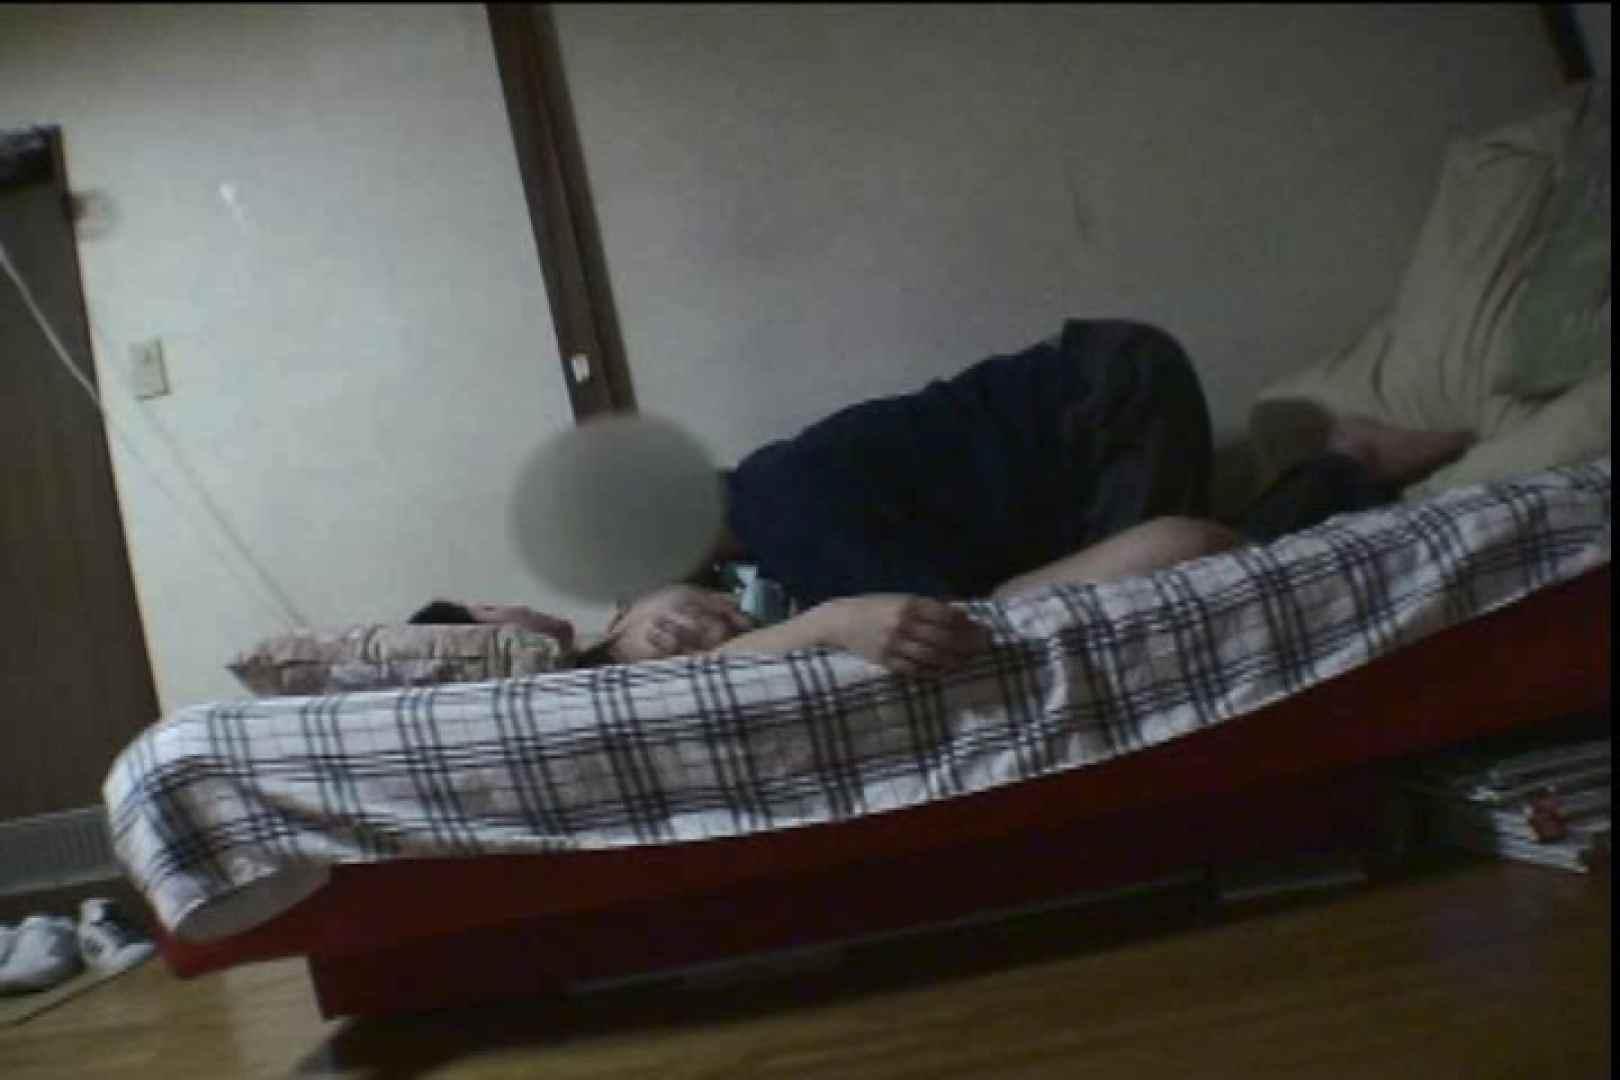 れる泥酔女5 覗き AV動画キャプチャ 89pic 59